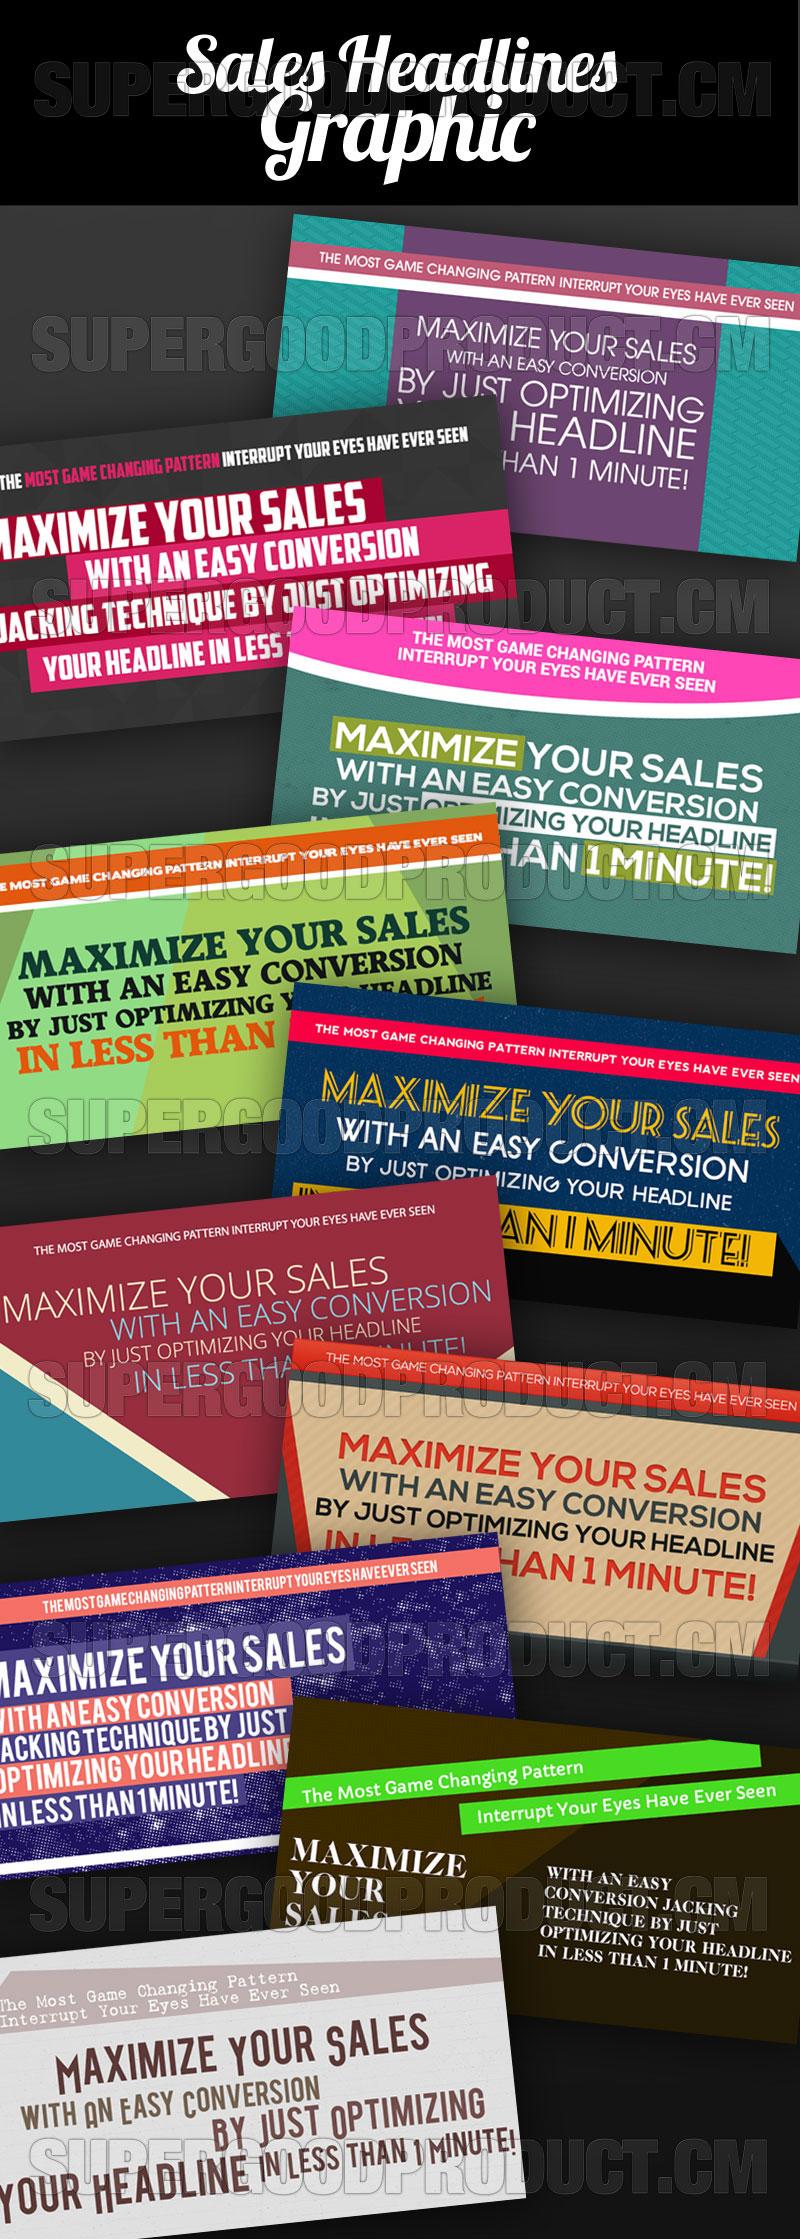 Sales-Headlines-Graphic